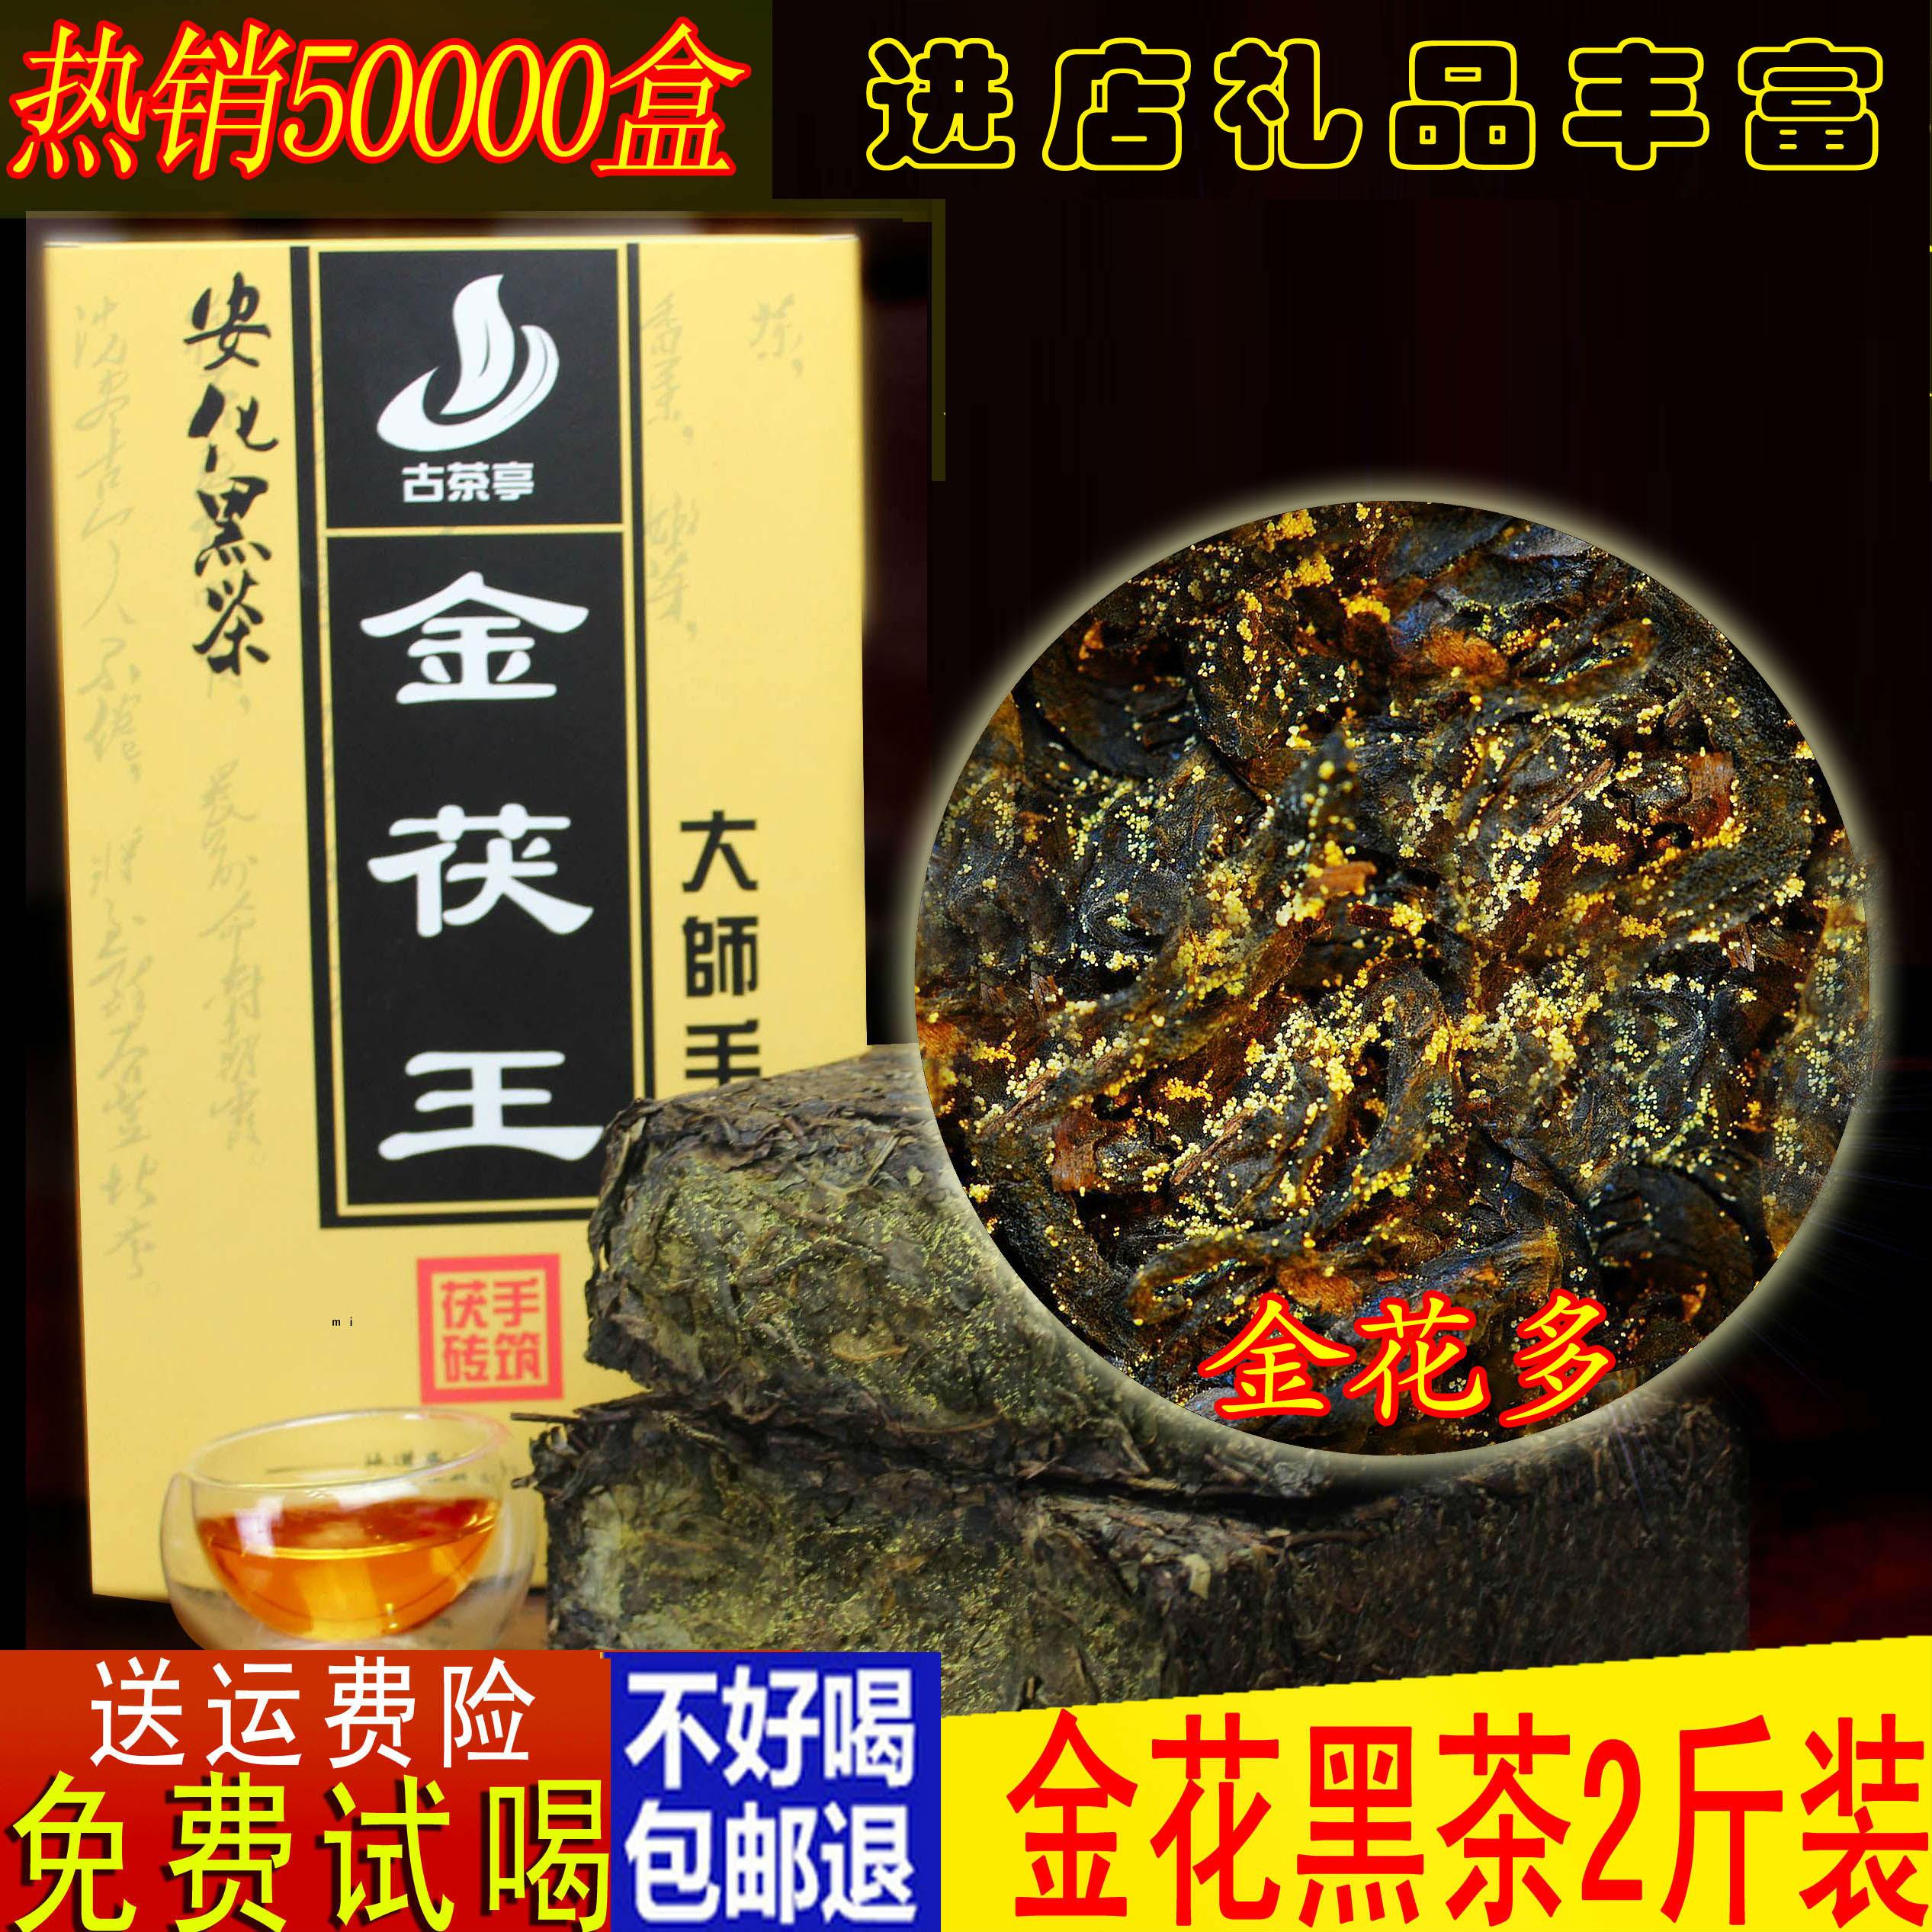 黑茶湖南安化黑茶茯砖金花茶安华黑茶正宗陈年茯茶黑茶砖茶1公斤